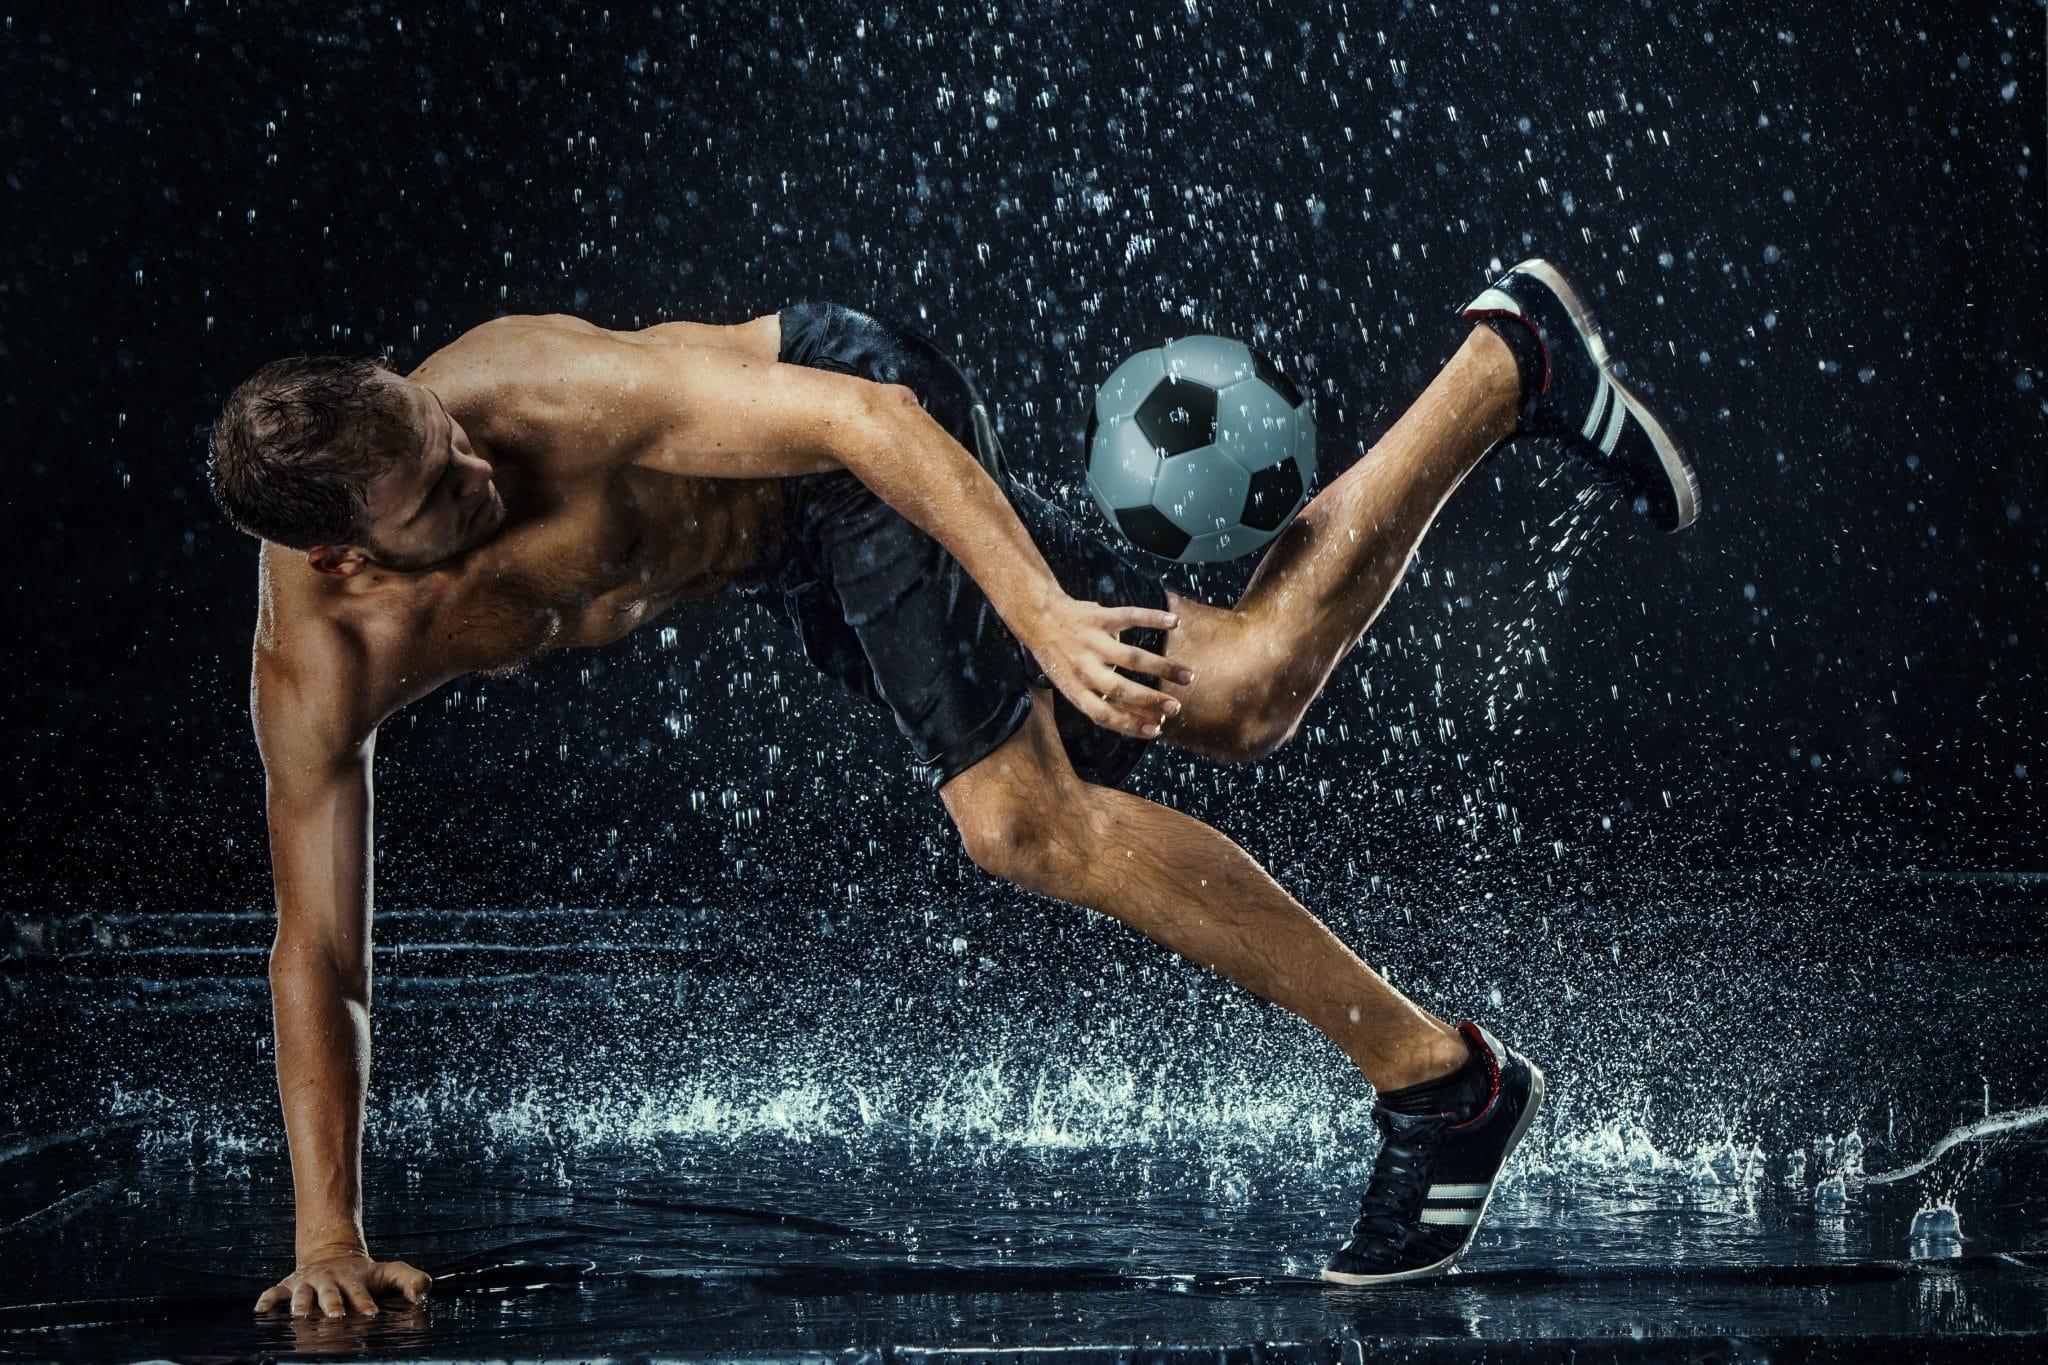 water-drops-around-football-player-PHSDVBK